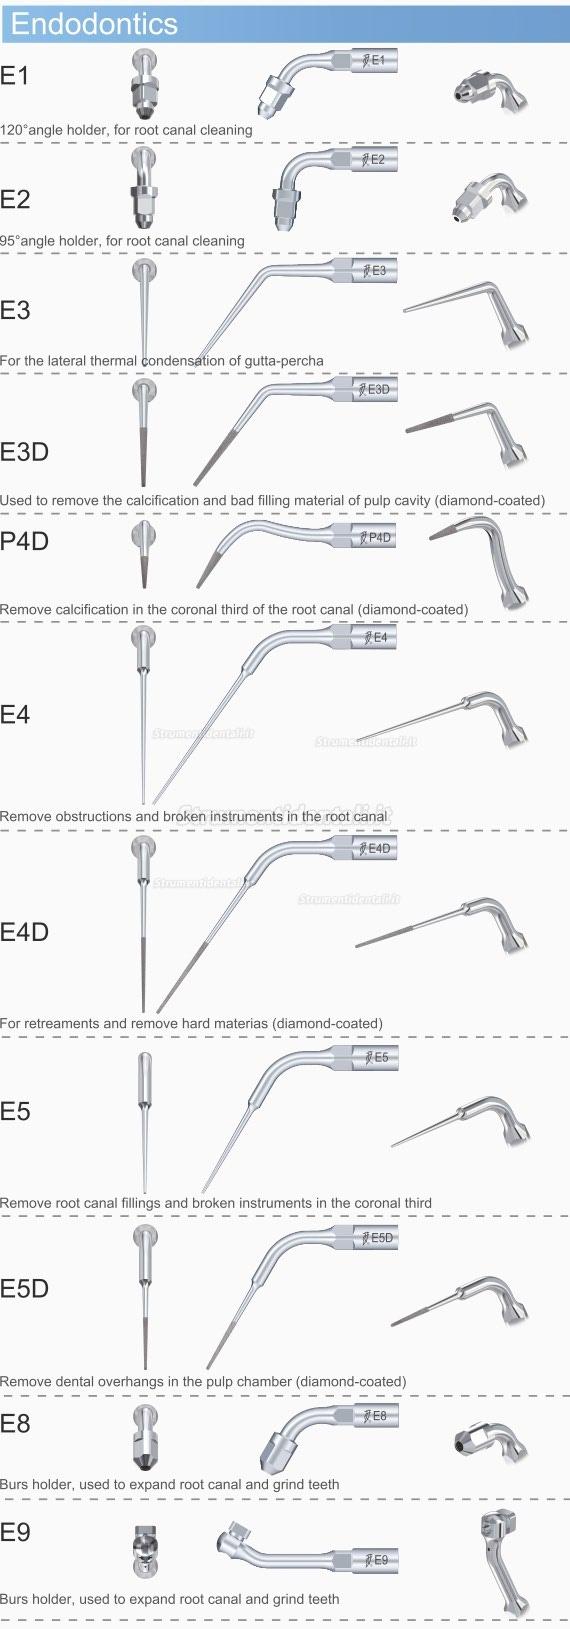 5PZ Woodpecker® E2 Inserti Endo per Root Otturazione di Canale EMS Compatibile